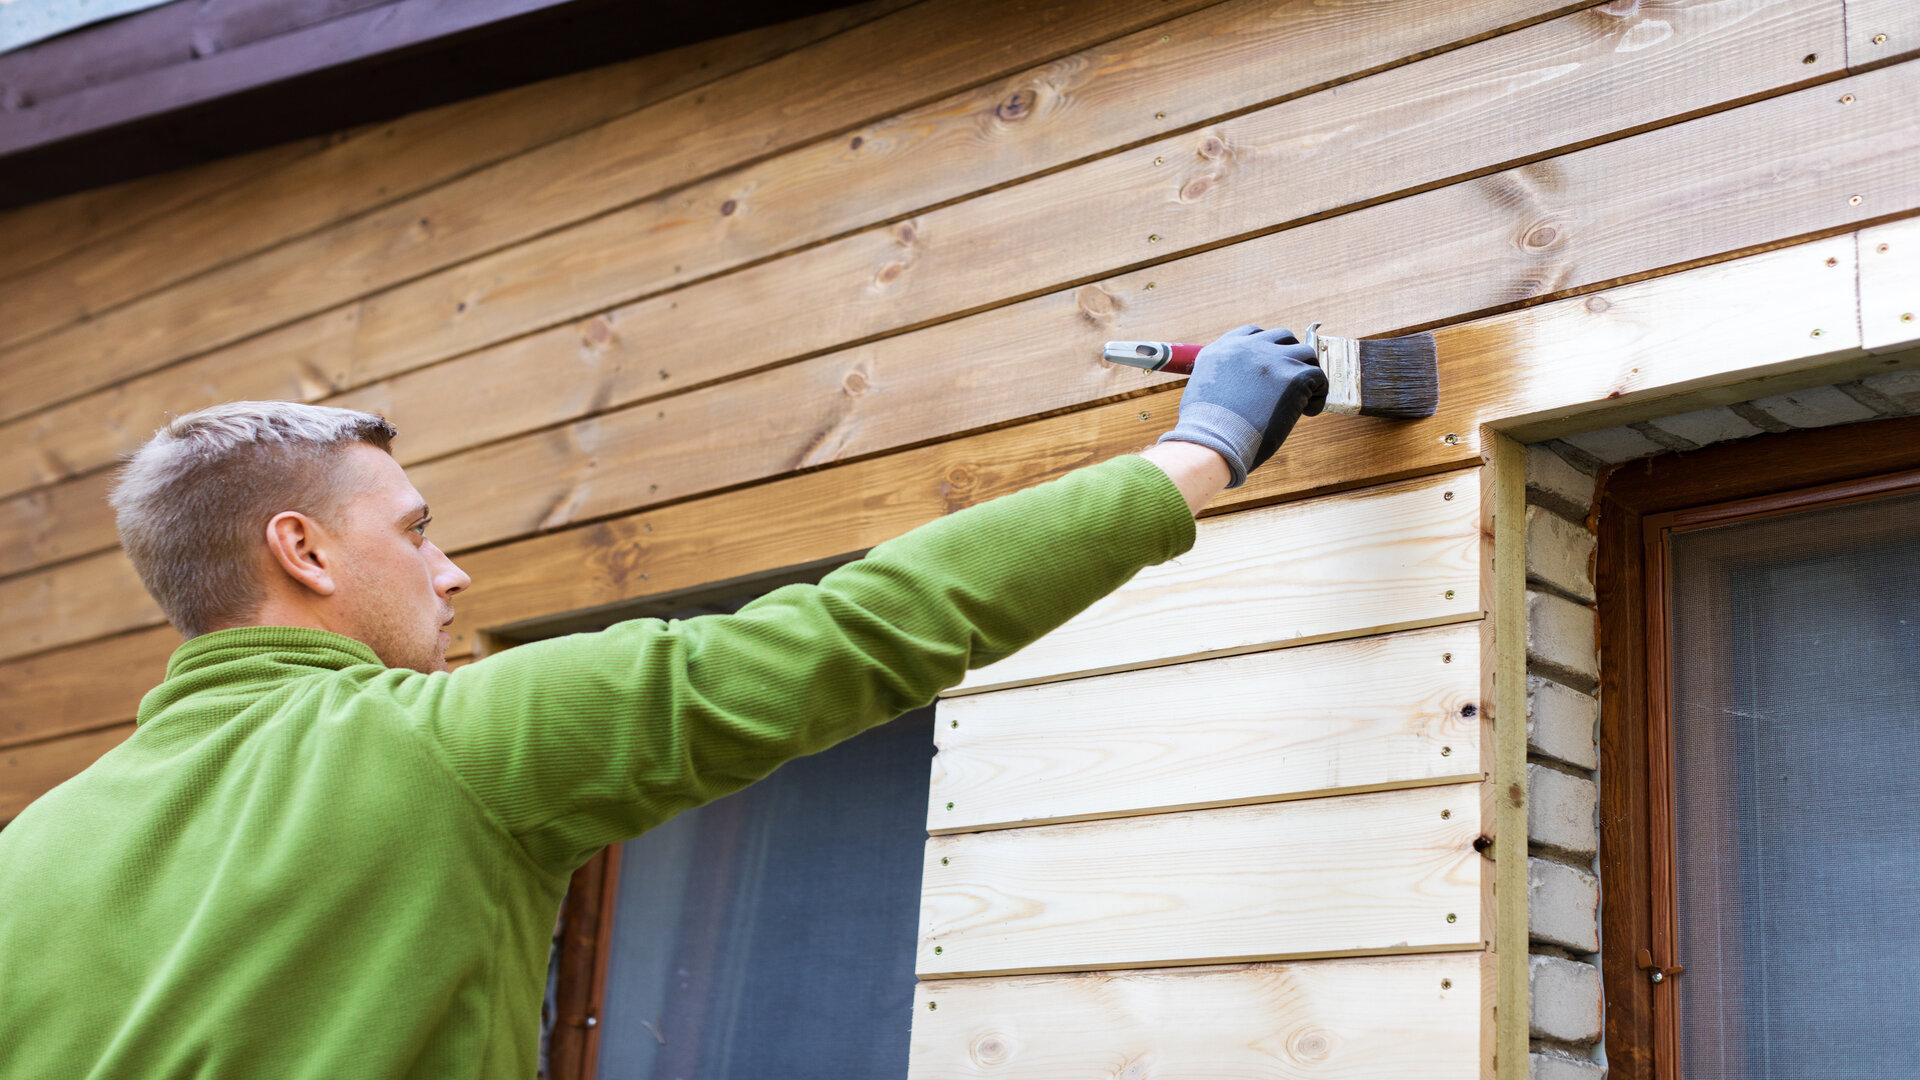 Imperméabilisez et faites perdurer vos bois en les entretenant